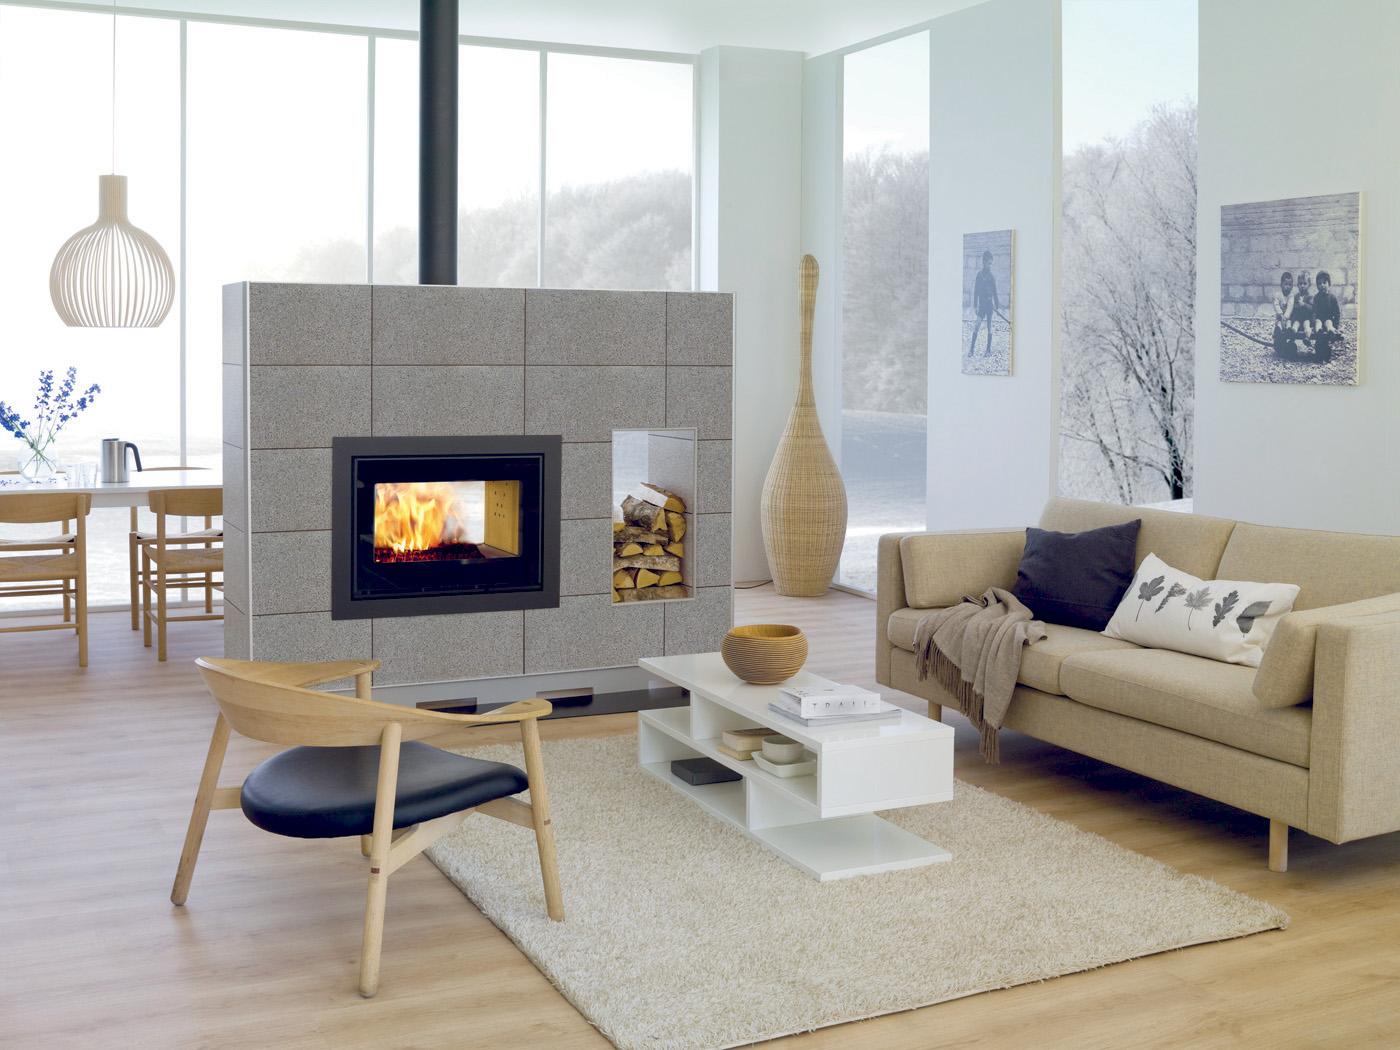 inserts jotul scan ils combattent le froid pour votre confort. Black Bedroom Furniture Sets. Home Design Ideas